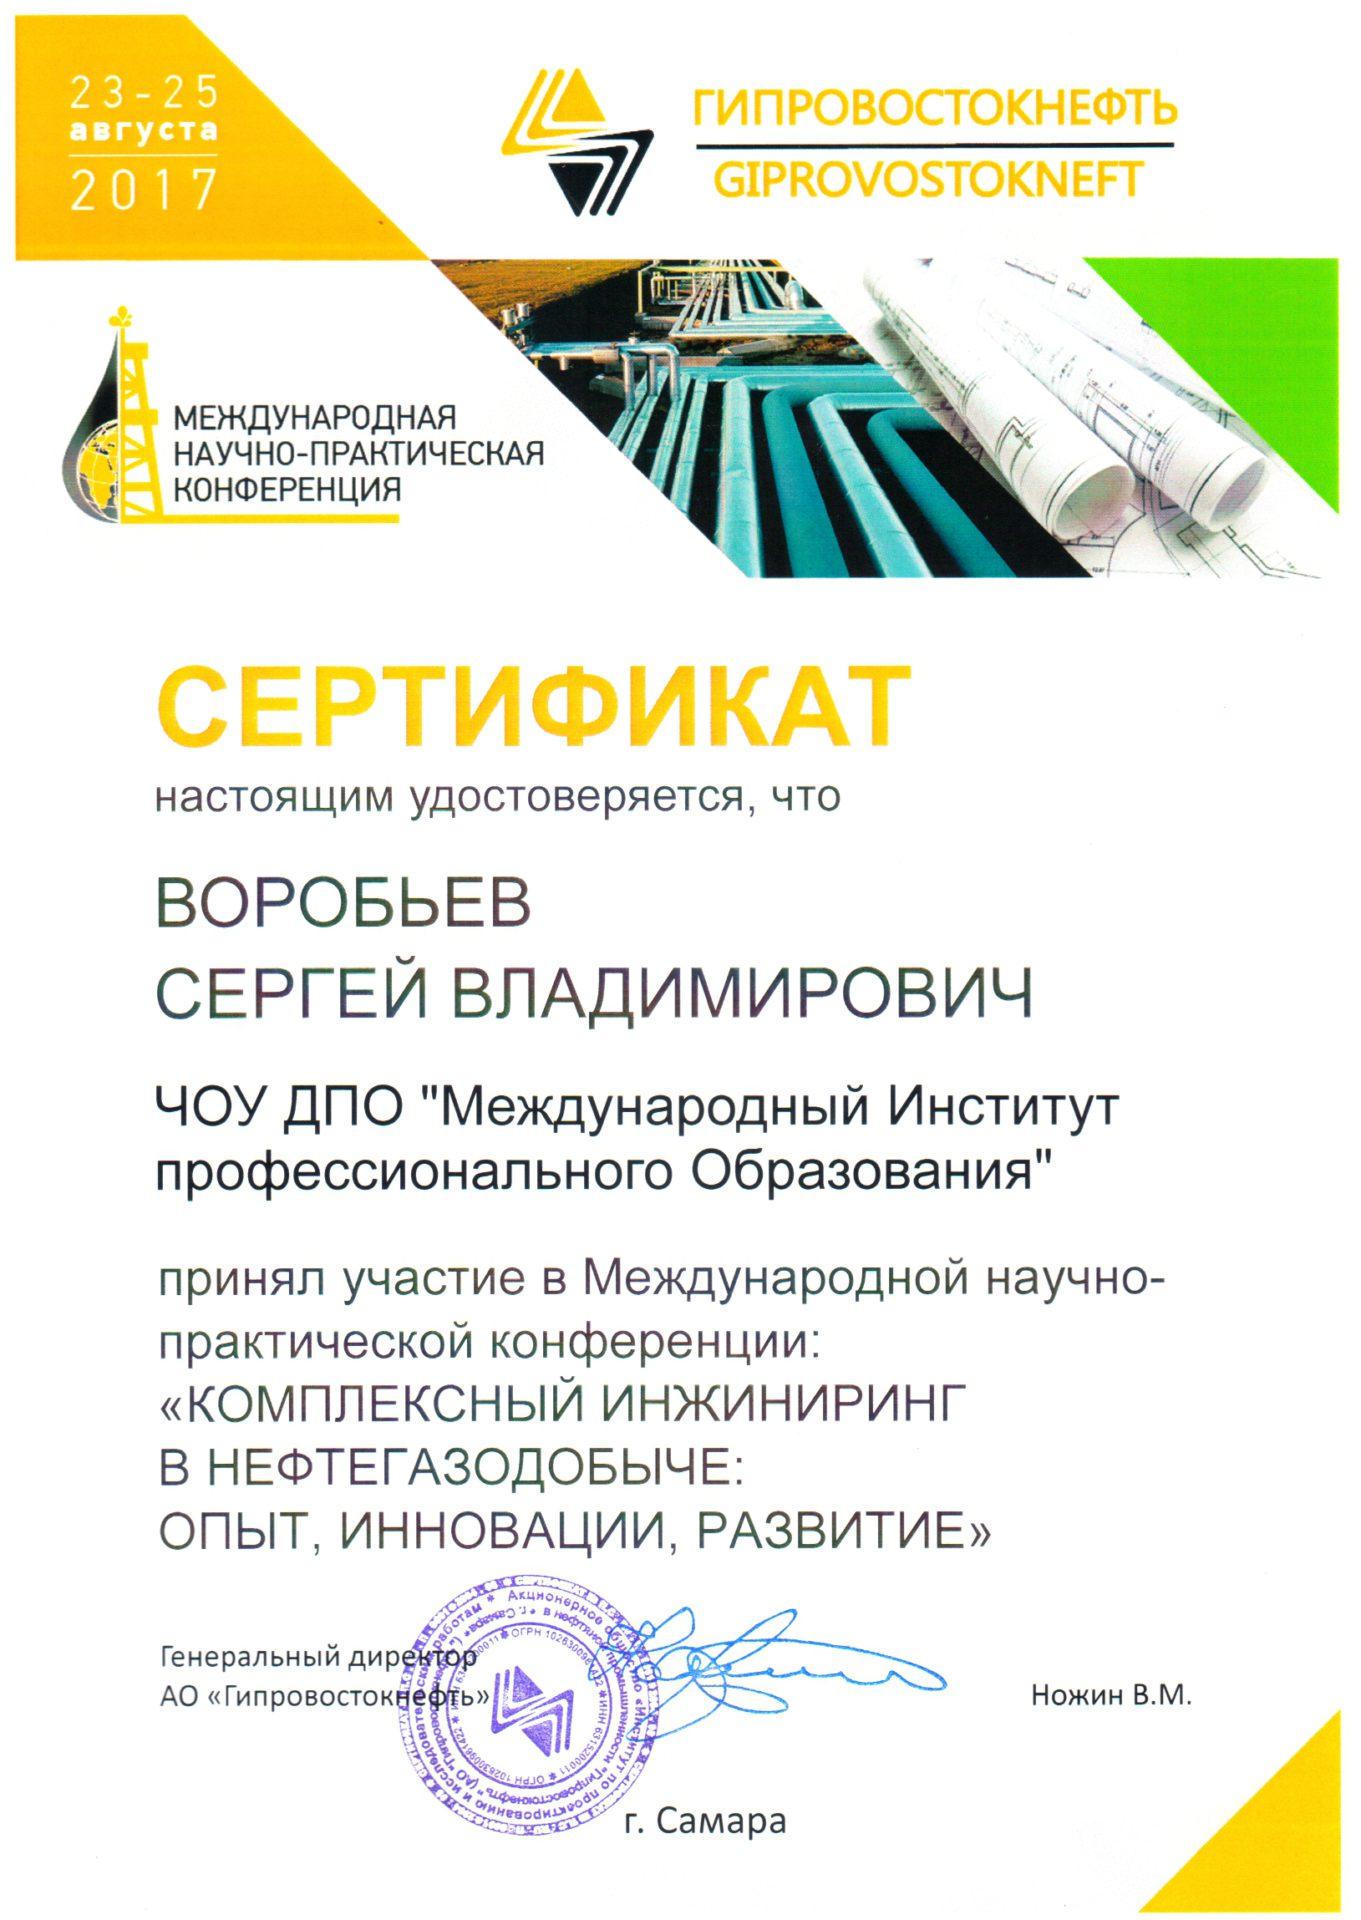 сертификат гипровостокнефть